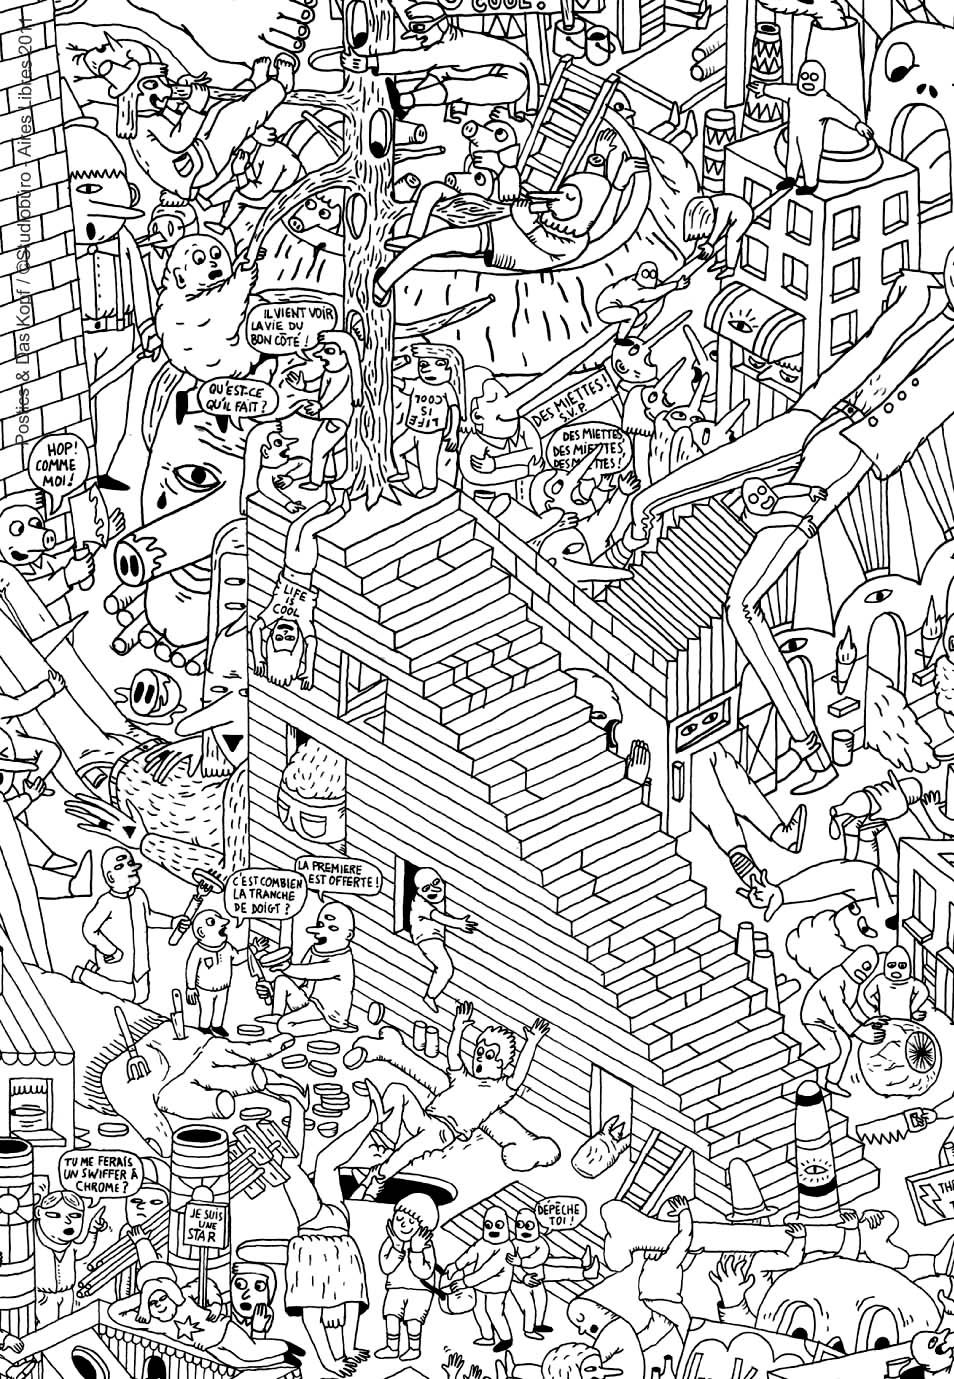 Colorear para adultos : Doodle art / Doodling - 8